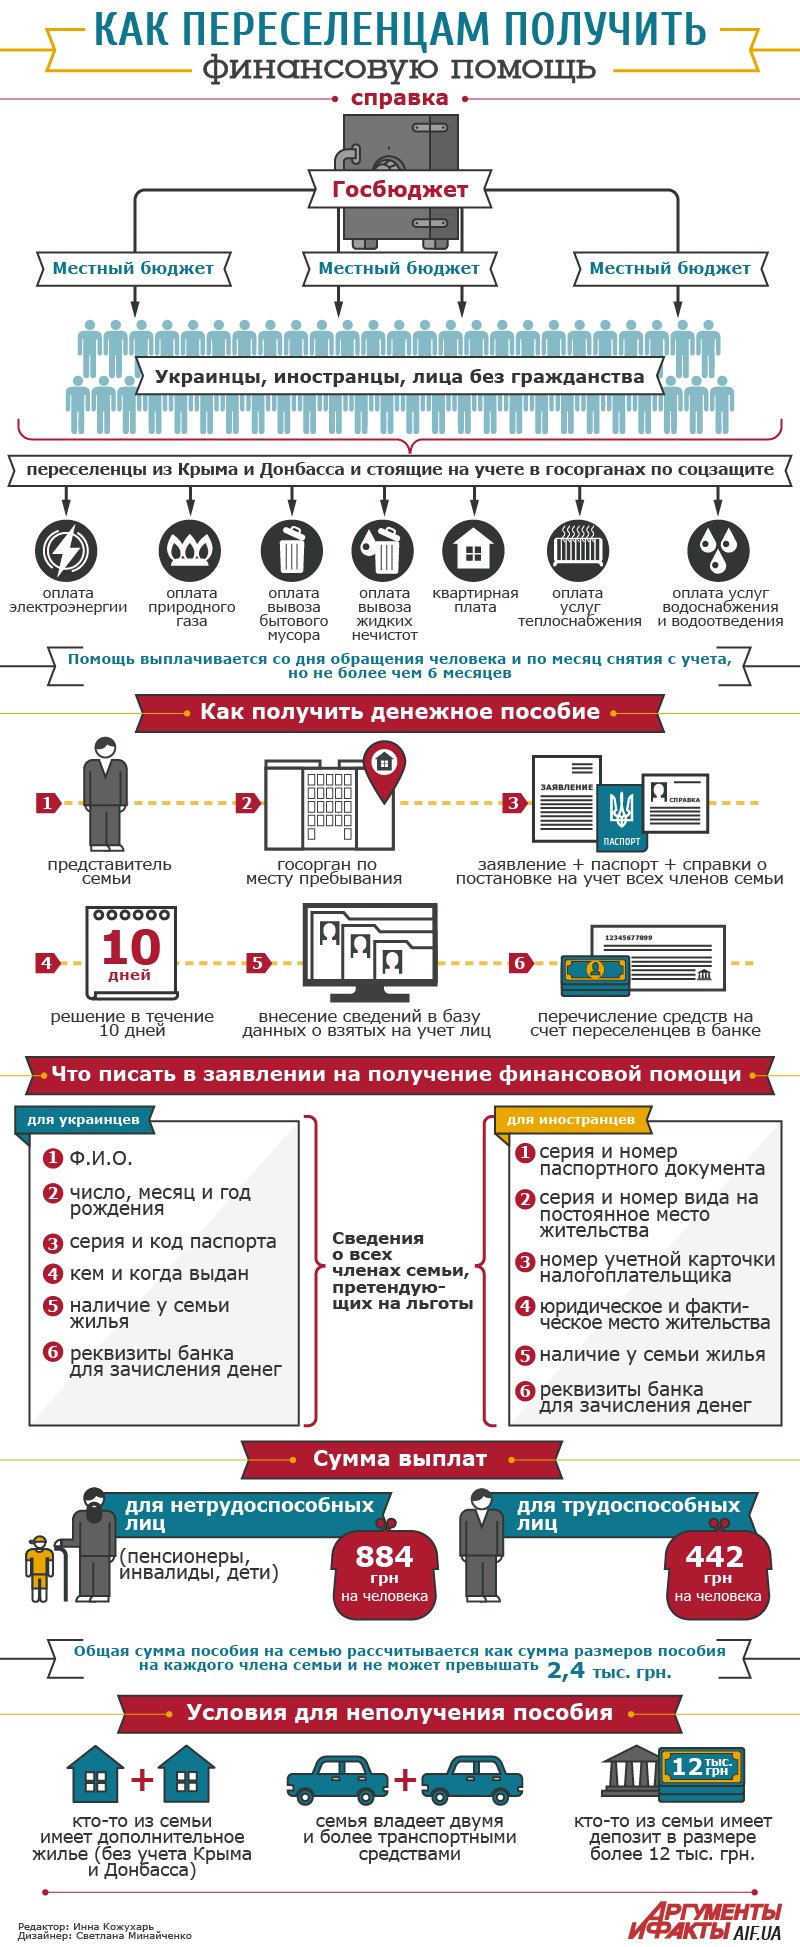 Переселенцы из Донбасса уже получают первые пособия предусмотренные в новых законах принятых Кабинетом Министров (фото) - фото 1